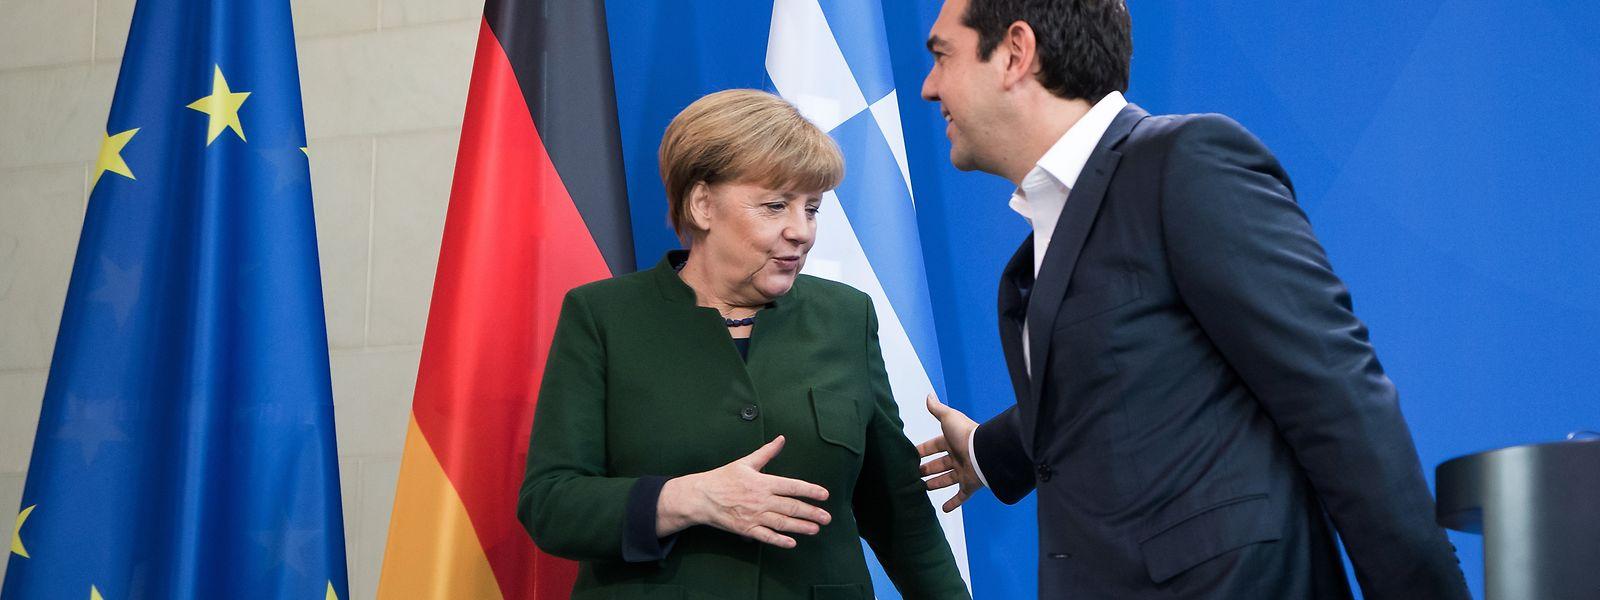 Bundeskanzlerin Angela Merkel (CDU) und der griechische Ministerpräsident Alexis Tsipras.